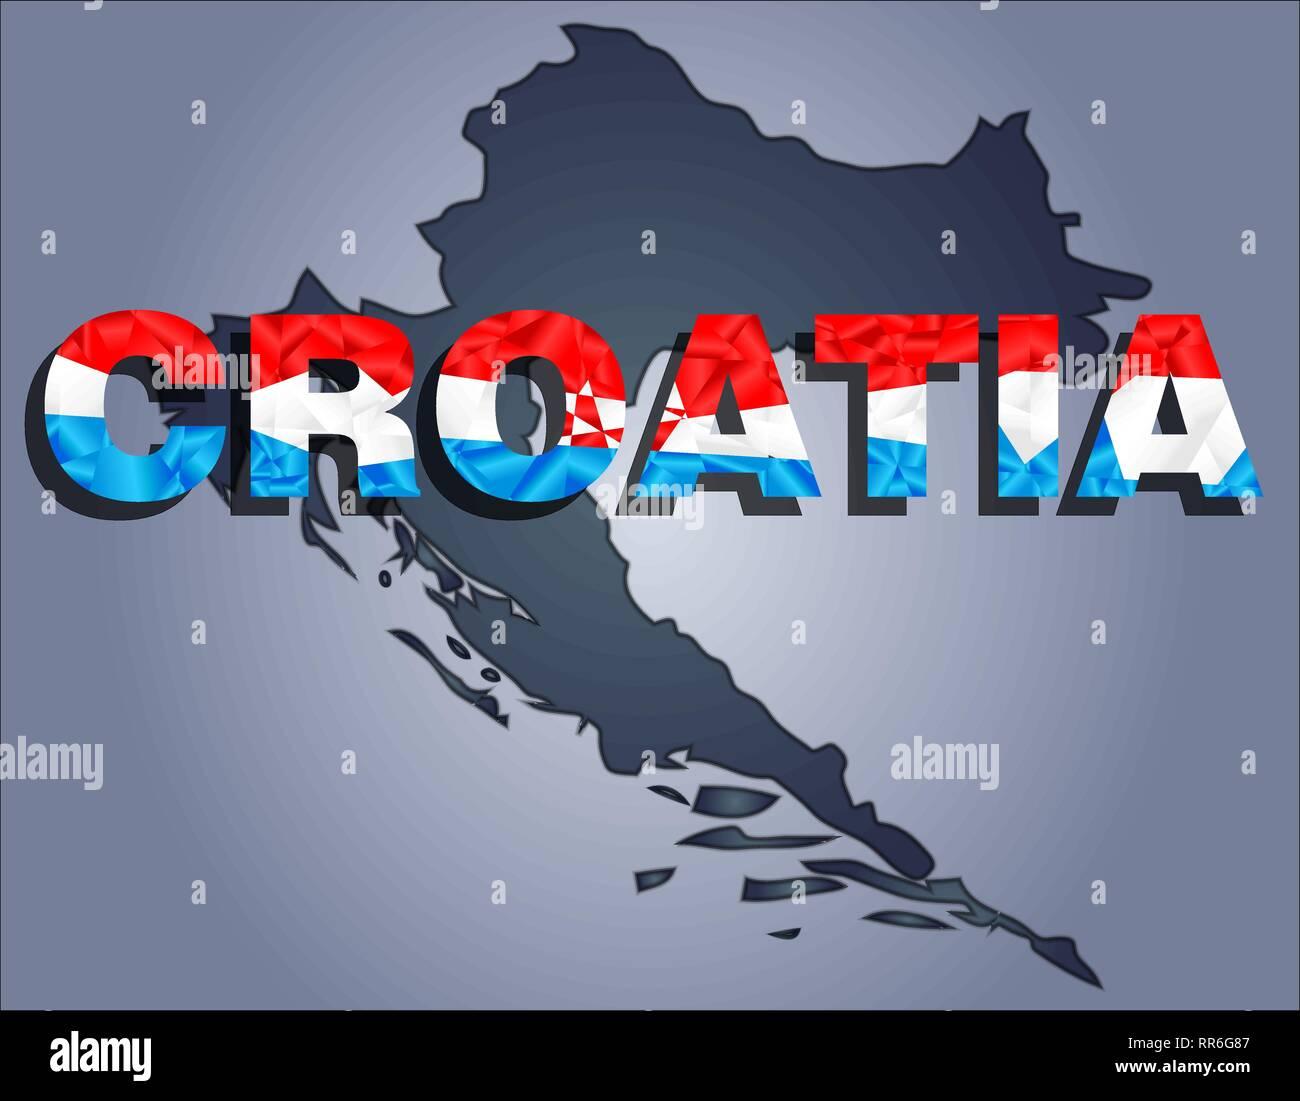 Croatia Map Stockfotos & Croatia Map Bilder